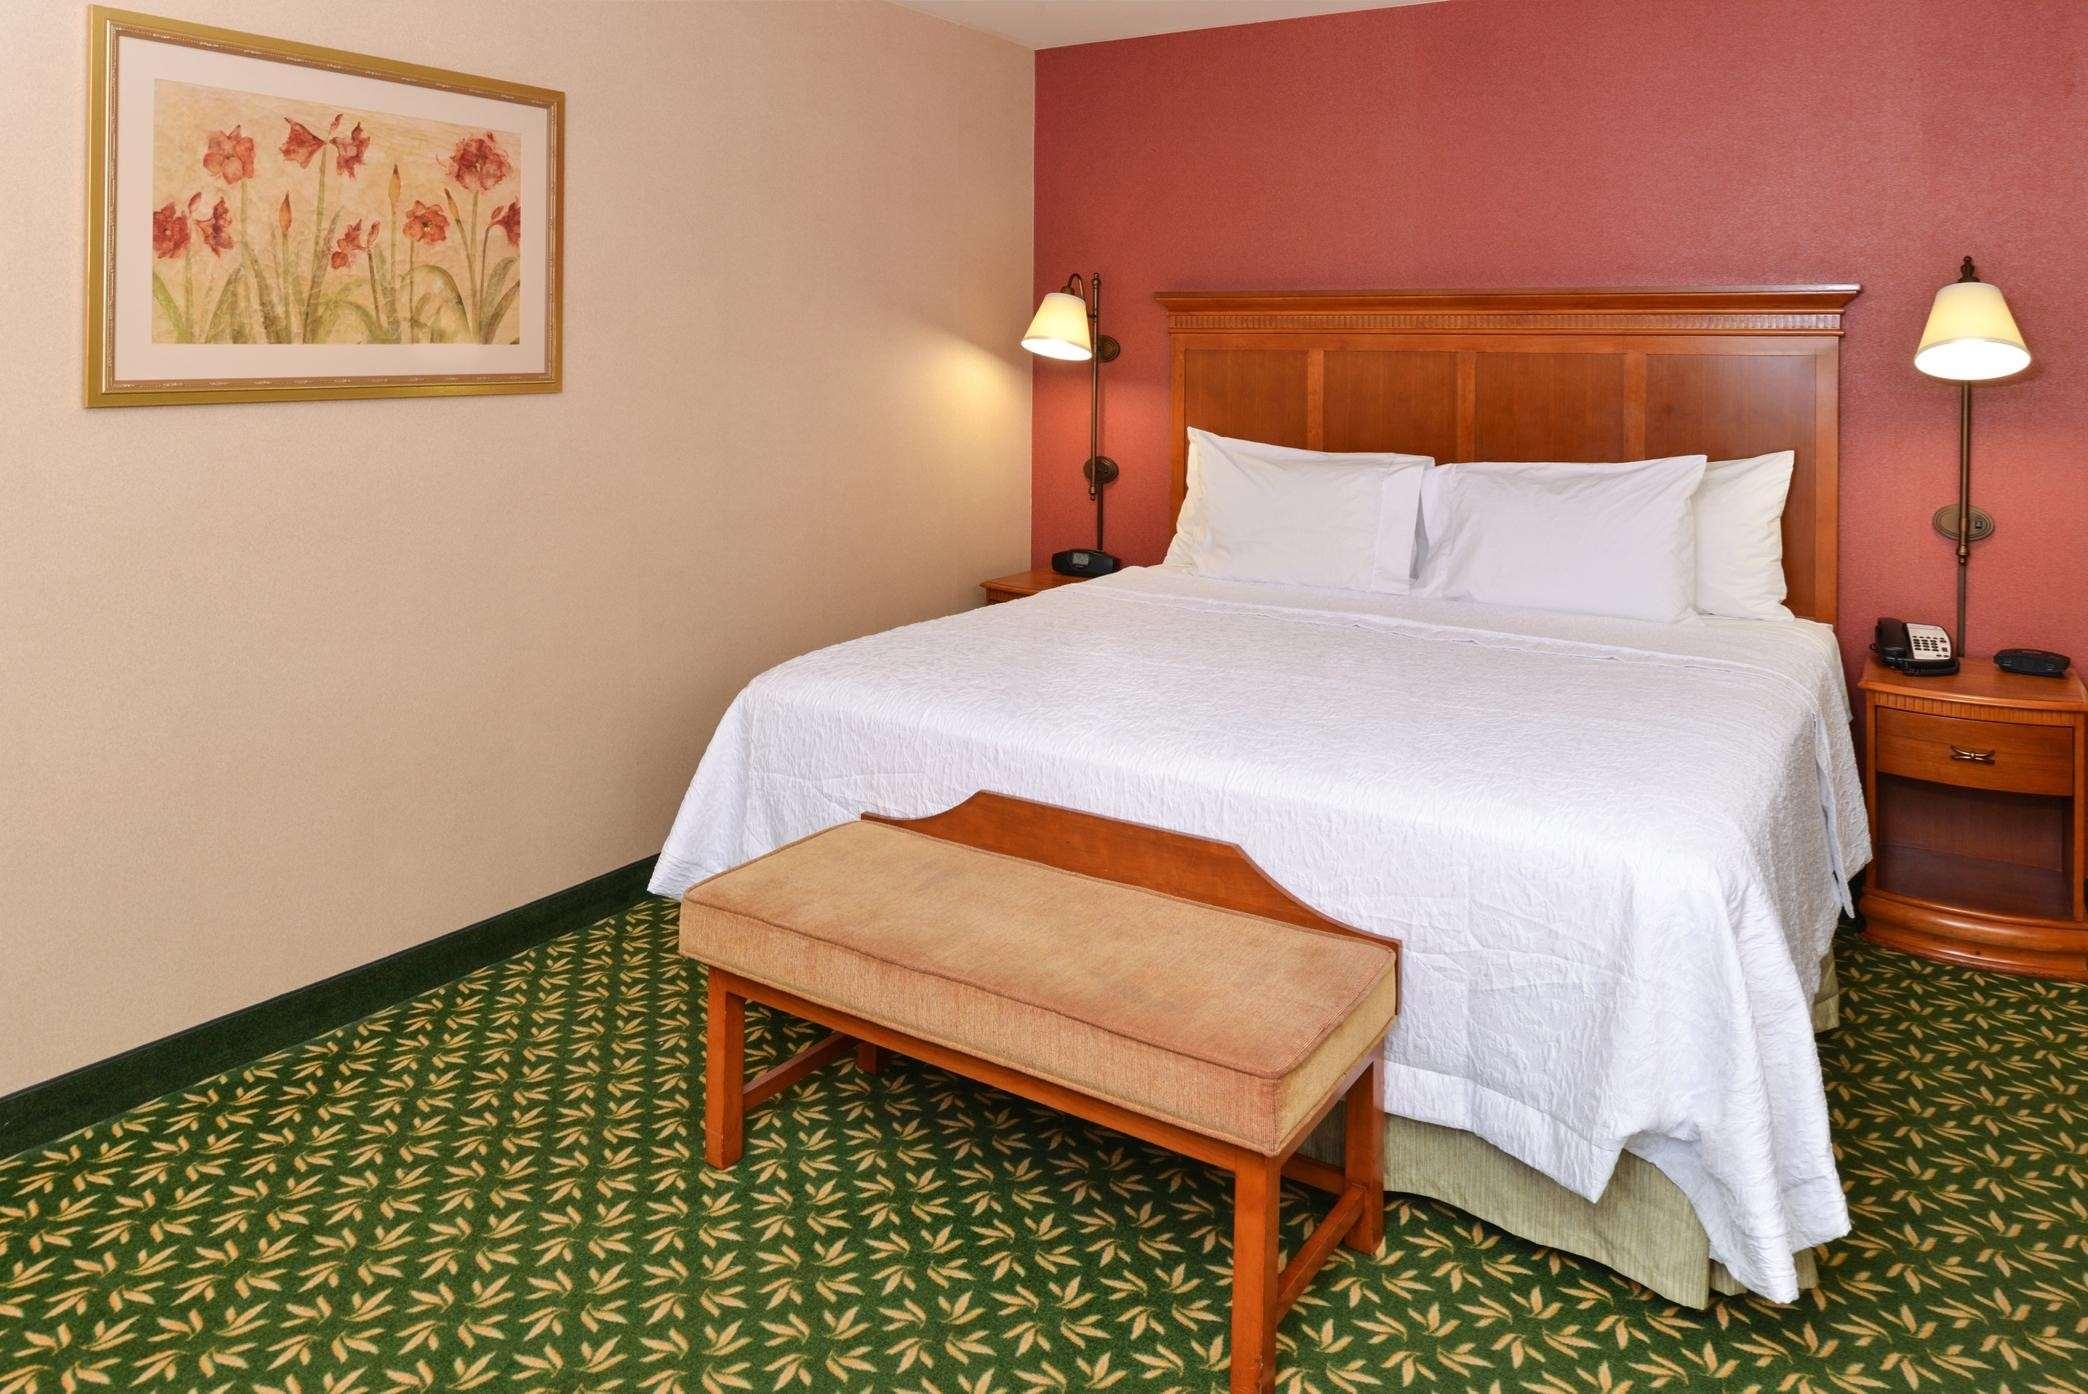 Hampton Inn & Suites Casper image 5